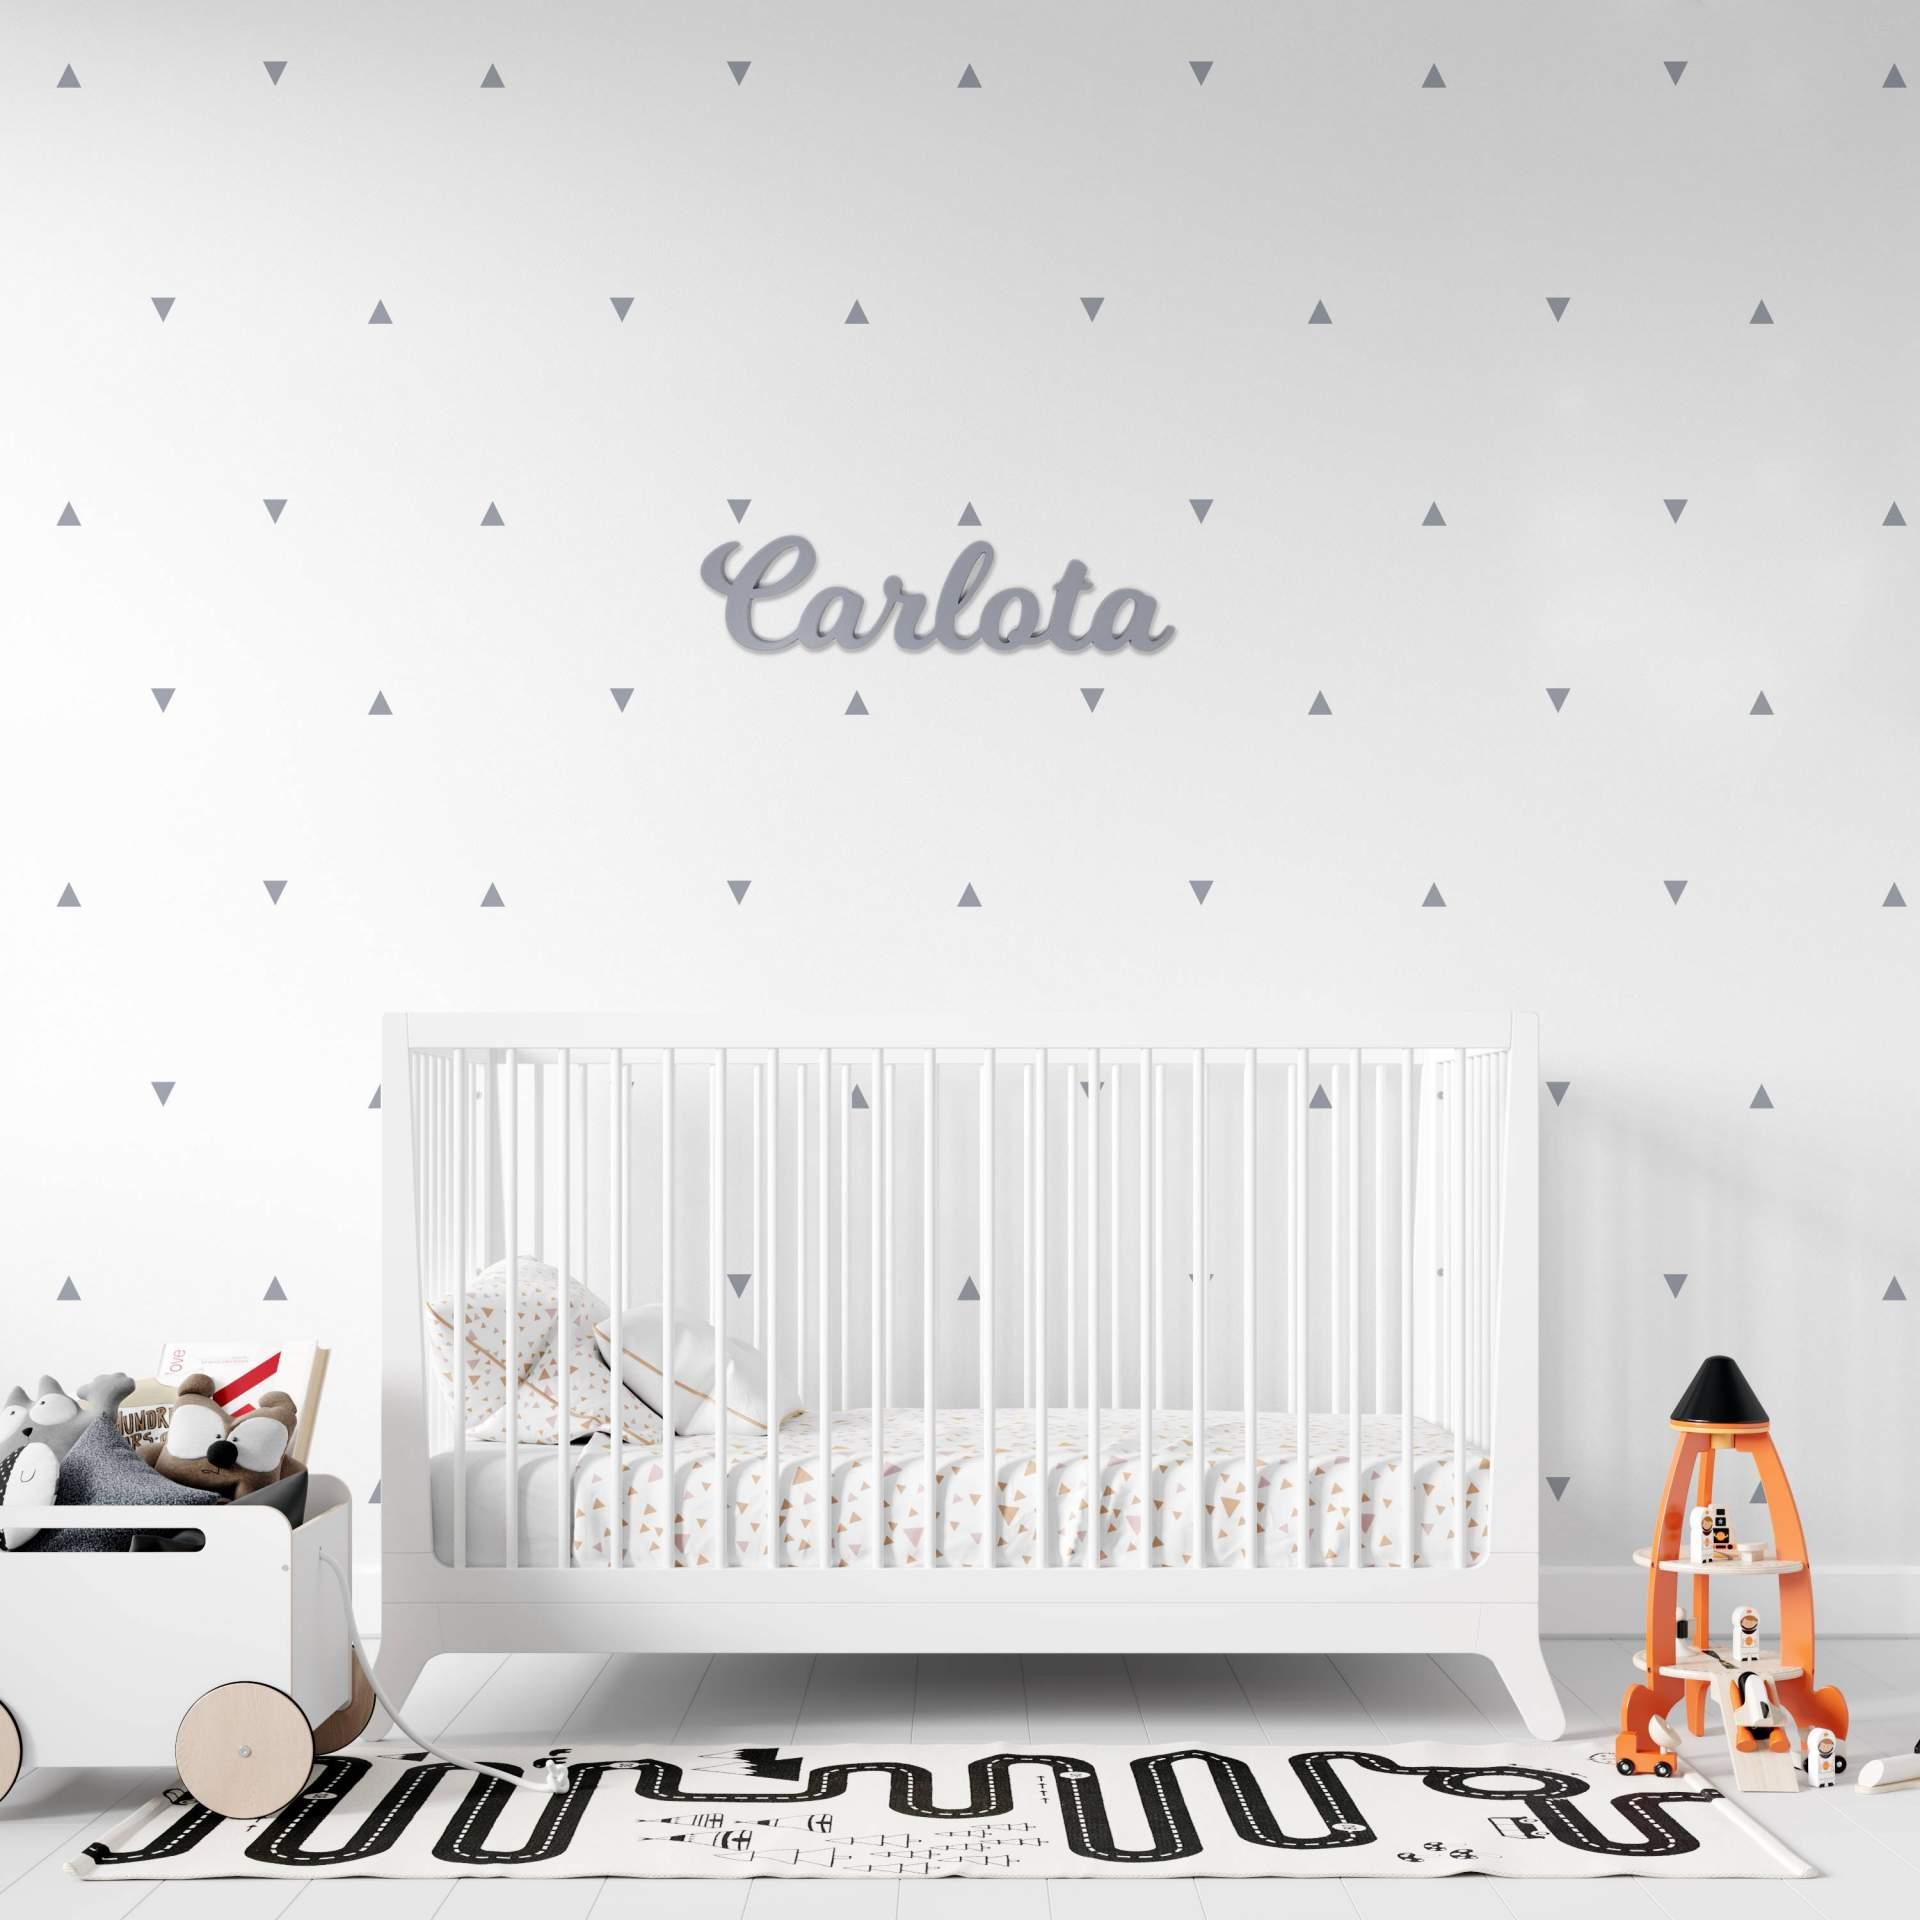 Los nombres de madera personalizados de Nicolasito, el complemento ideal para decorar la habitación de los más pequeños